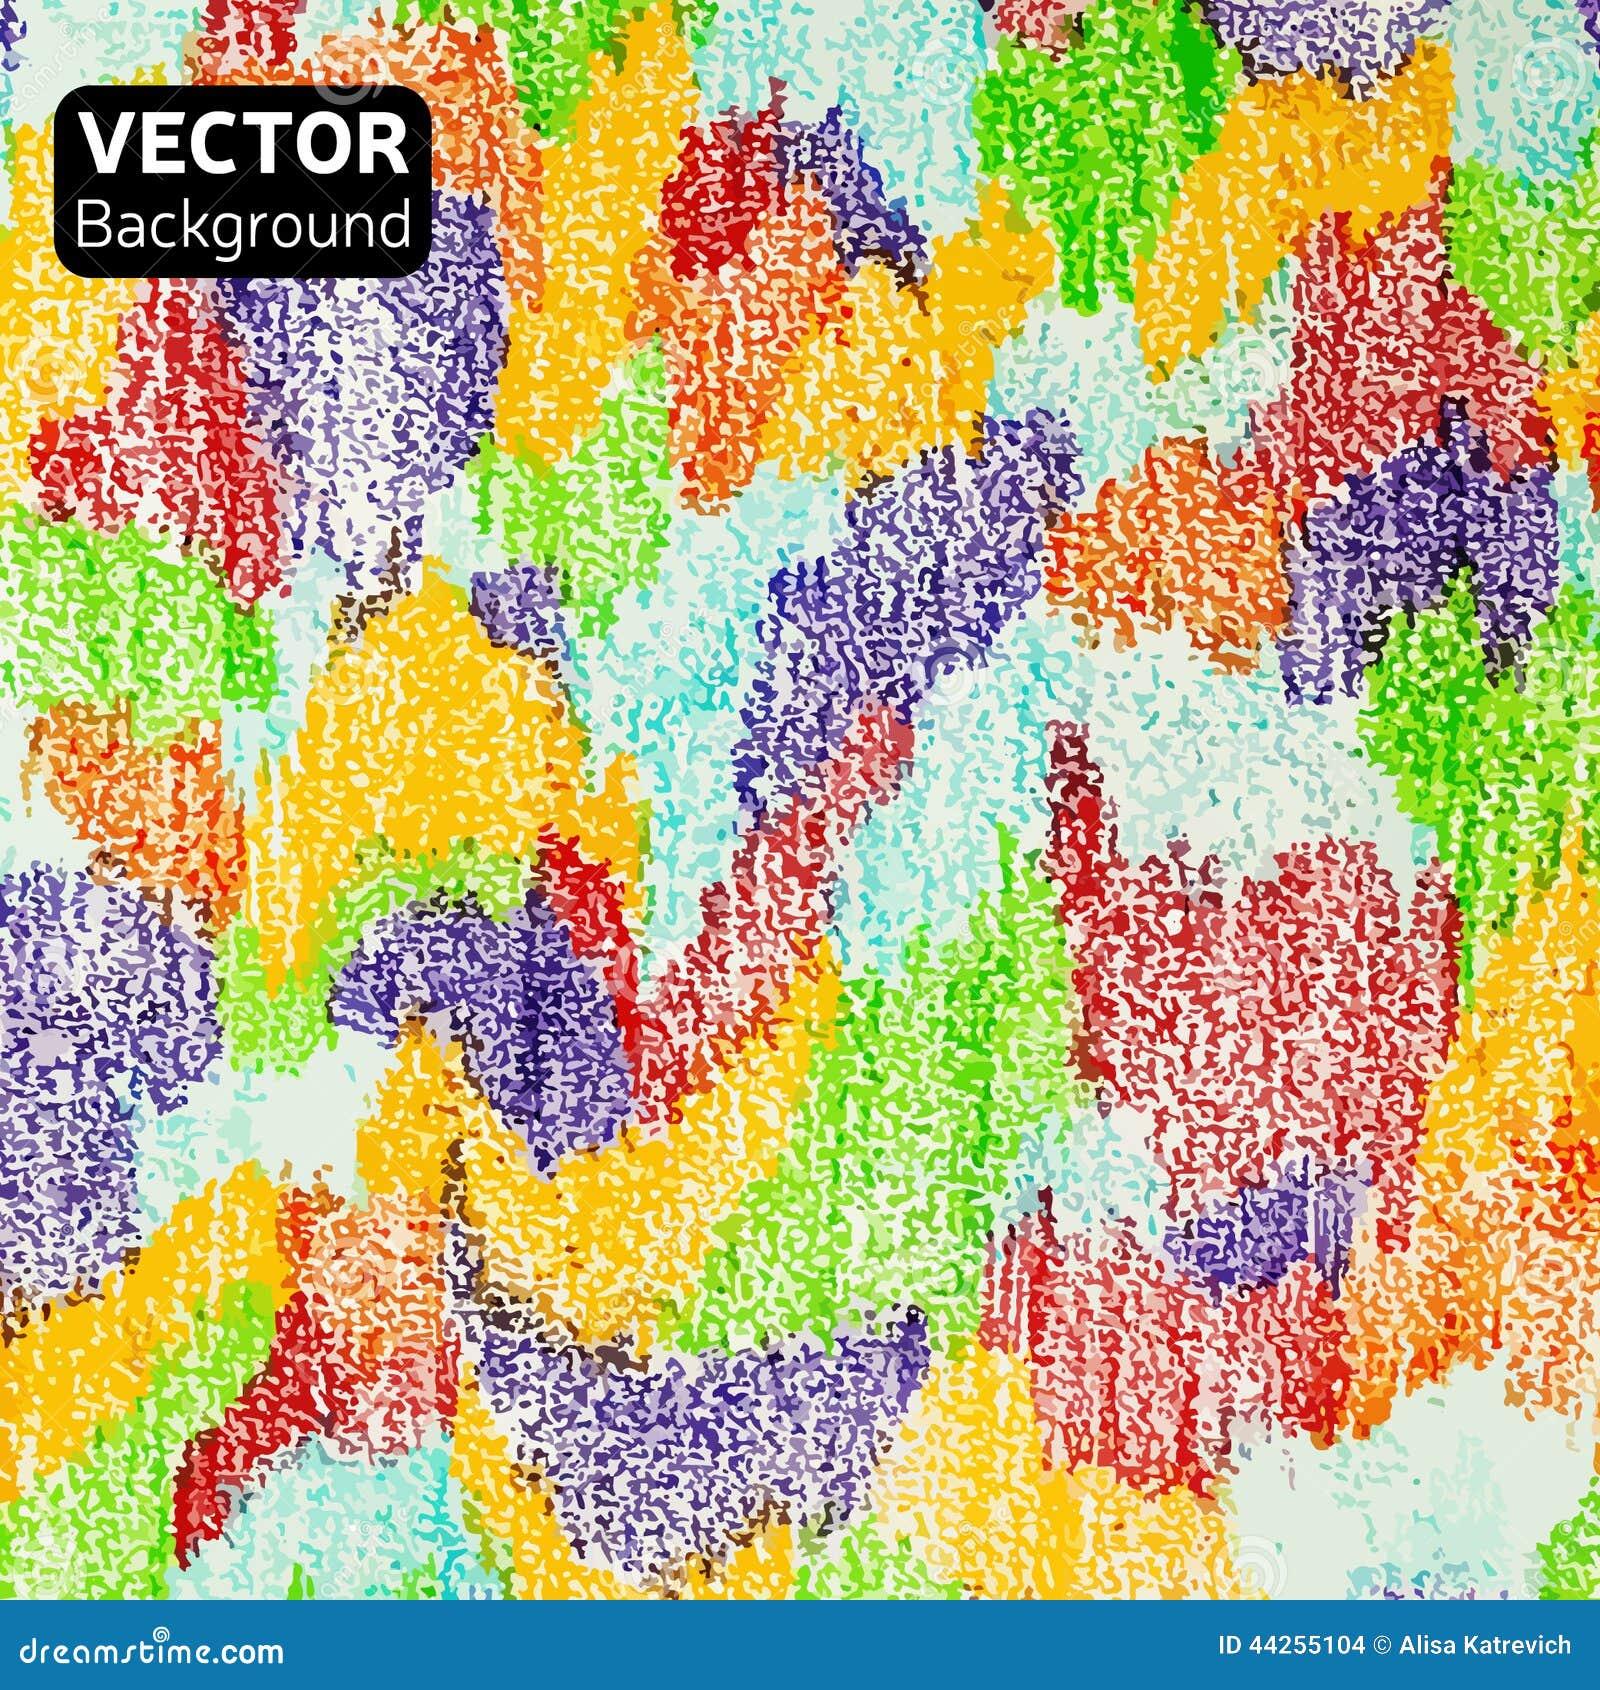 vecteur de fond de dessins au crayon de couleur illustration de vecteur image 44255104. Black Bedroom Furniture Sets. Home Design Ideas